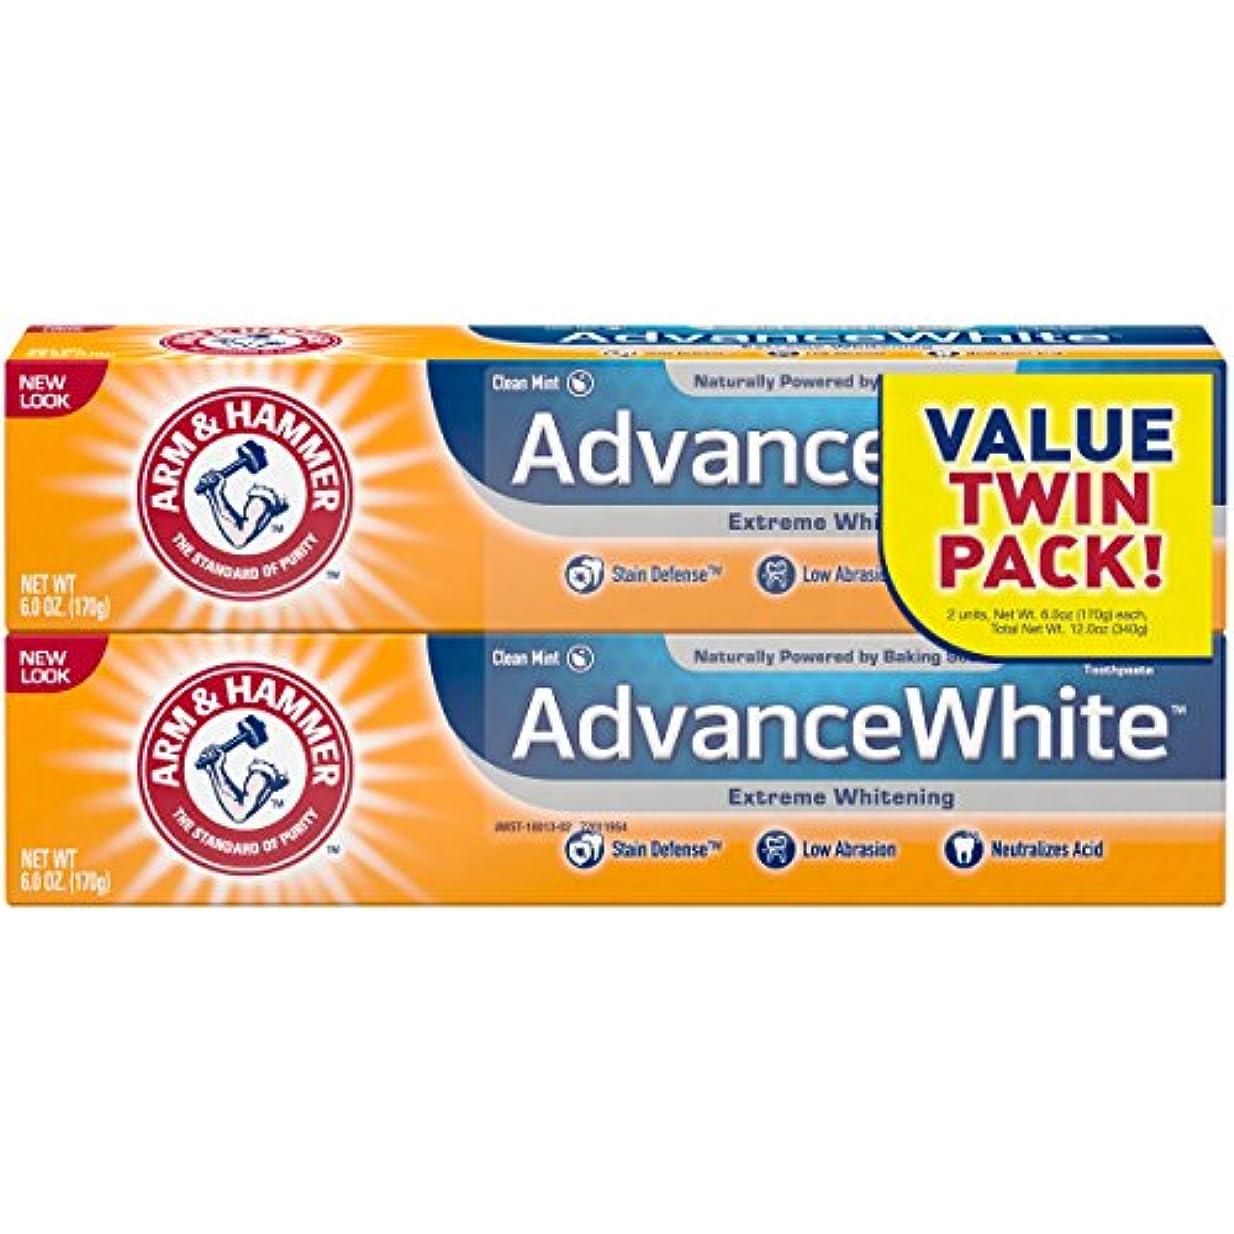 の前で素晴らしいです祖母Arm & Hammer アーム&ハマー アドバンス ホワイト 歯磨き粉 2個パック Toothpaste with Baking Soda & Peroxide